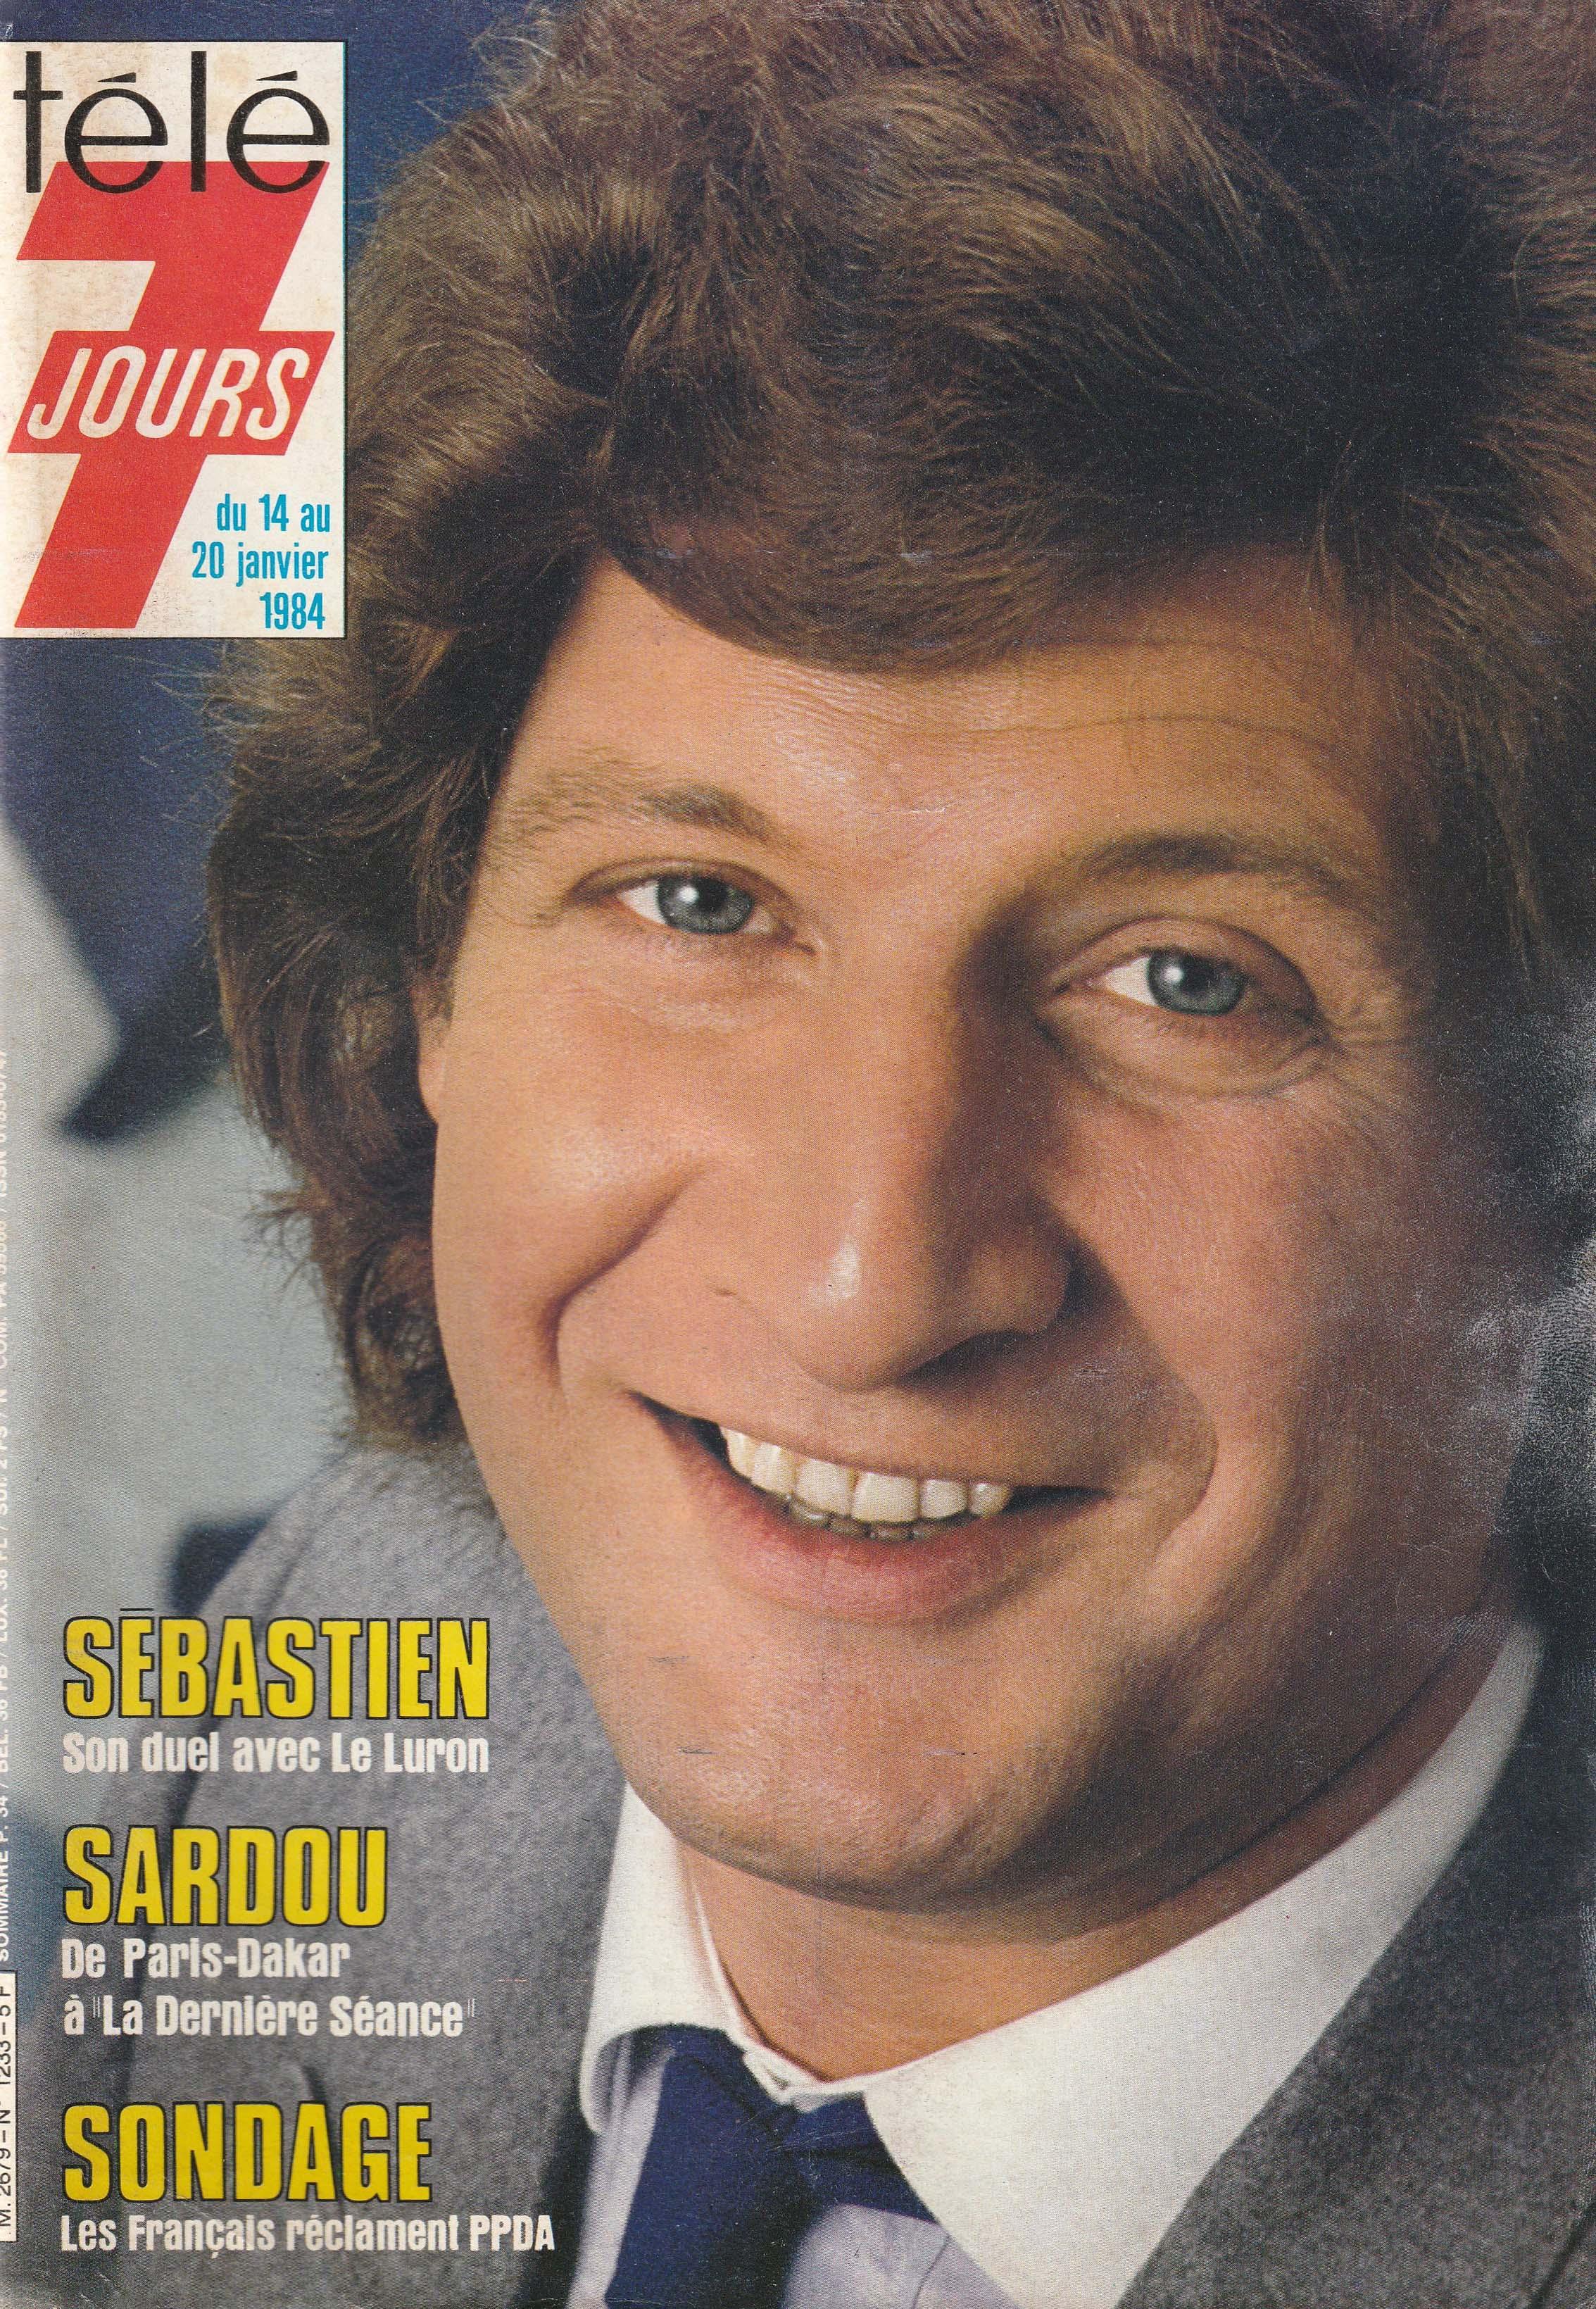 Programme TV du 14 au 20 janvier 1984